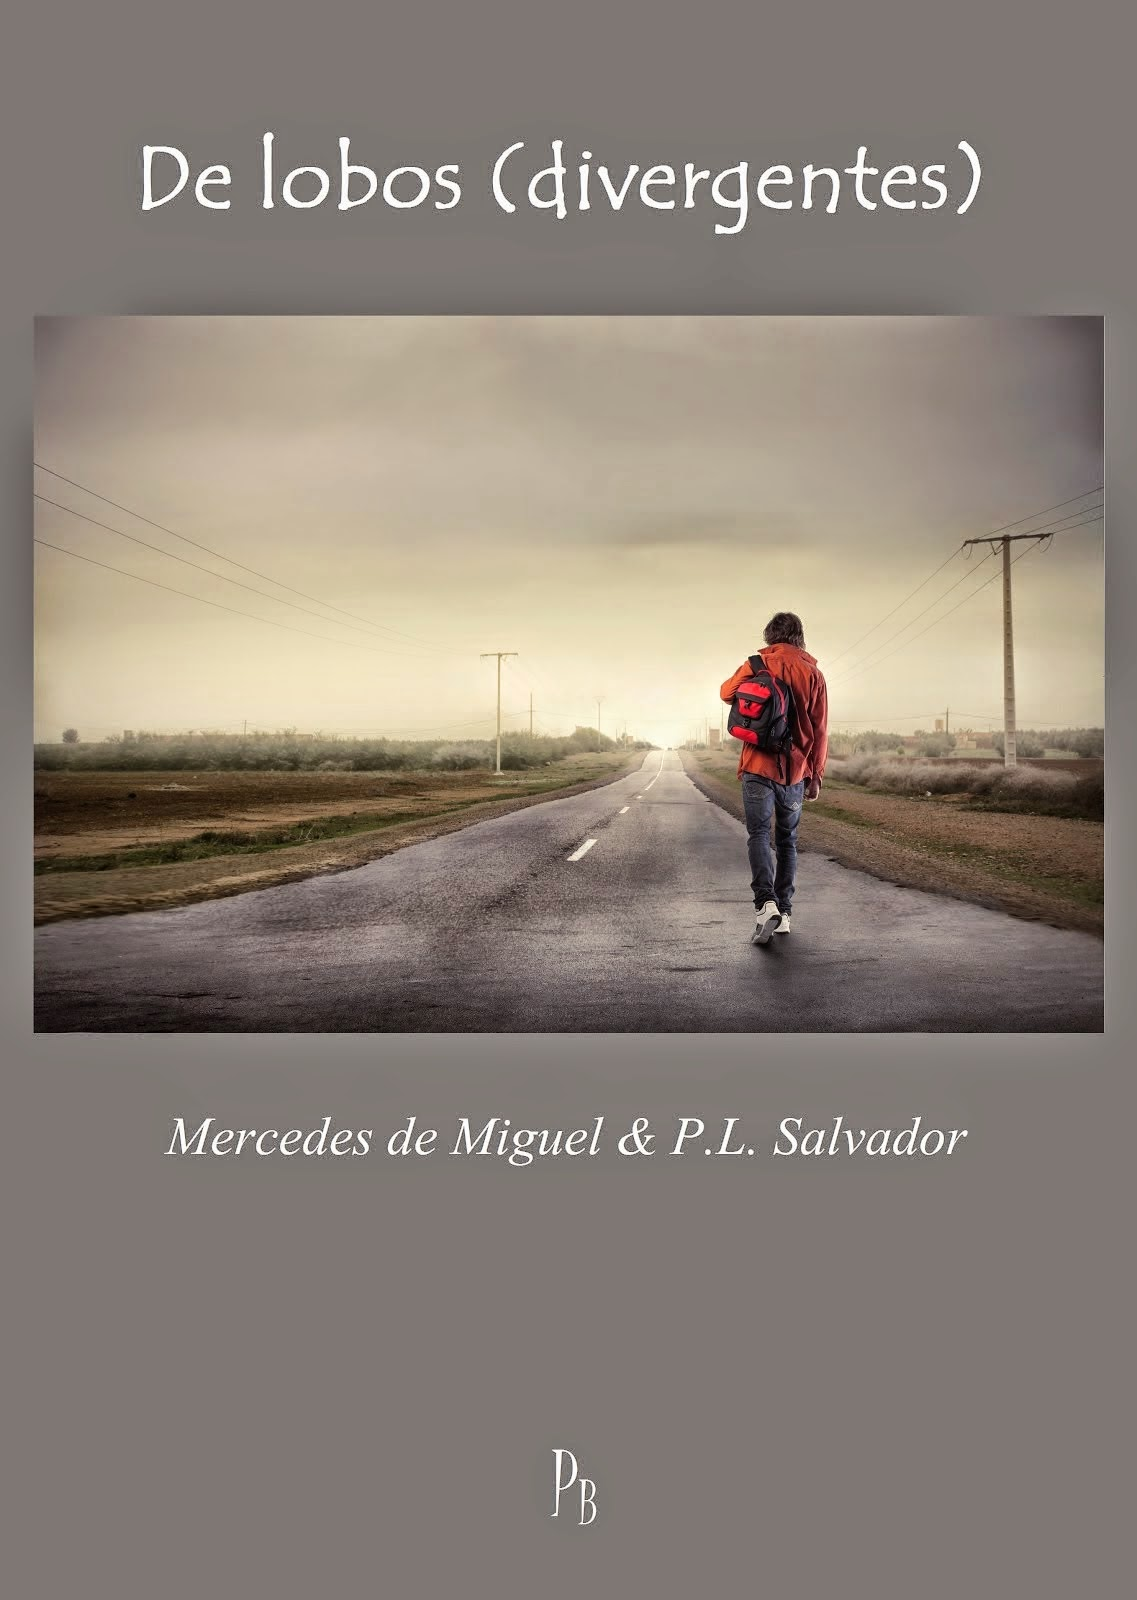 De lobos (Divergentes) - Mercedes de Miguel & P. L. Salvador (2014)